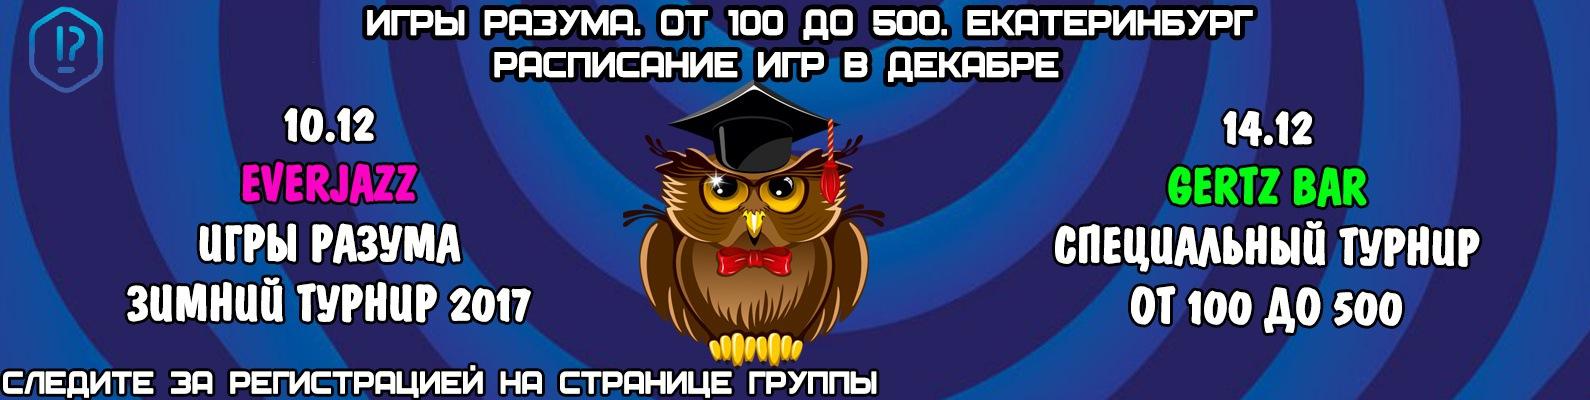 100 разума